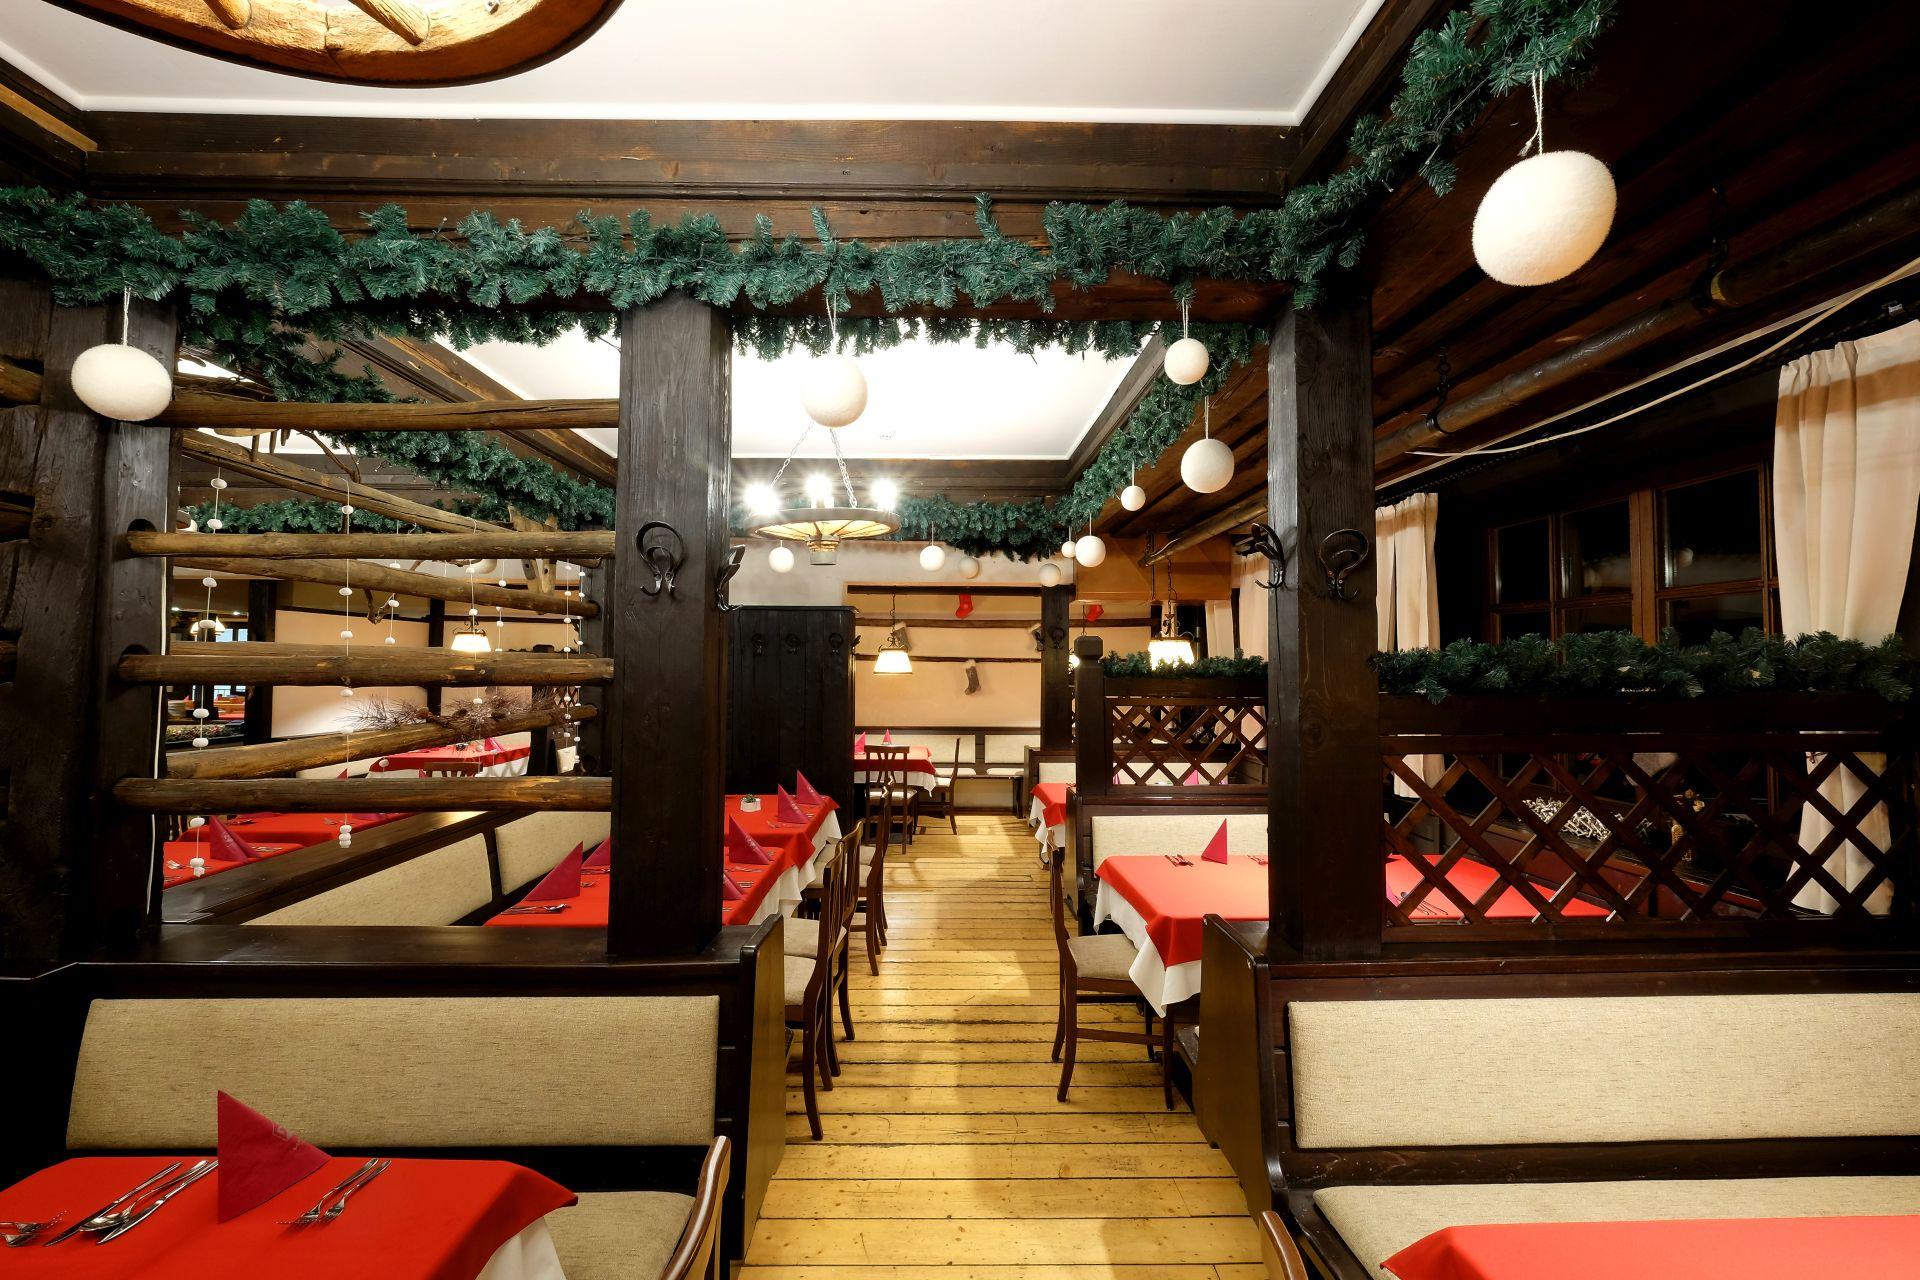 Alpenhotel Marcius Restaurant & Pizzeria